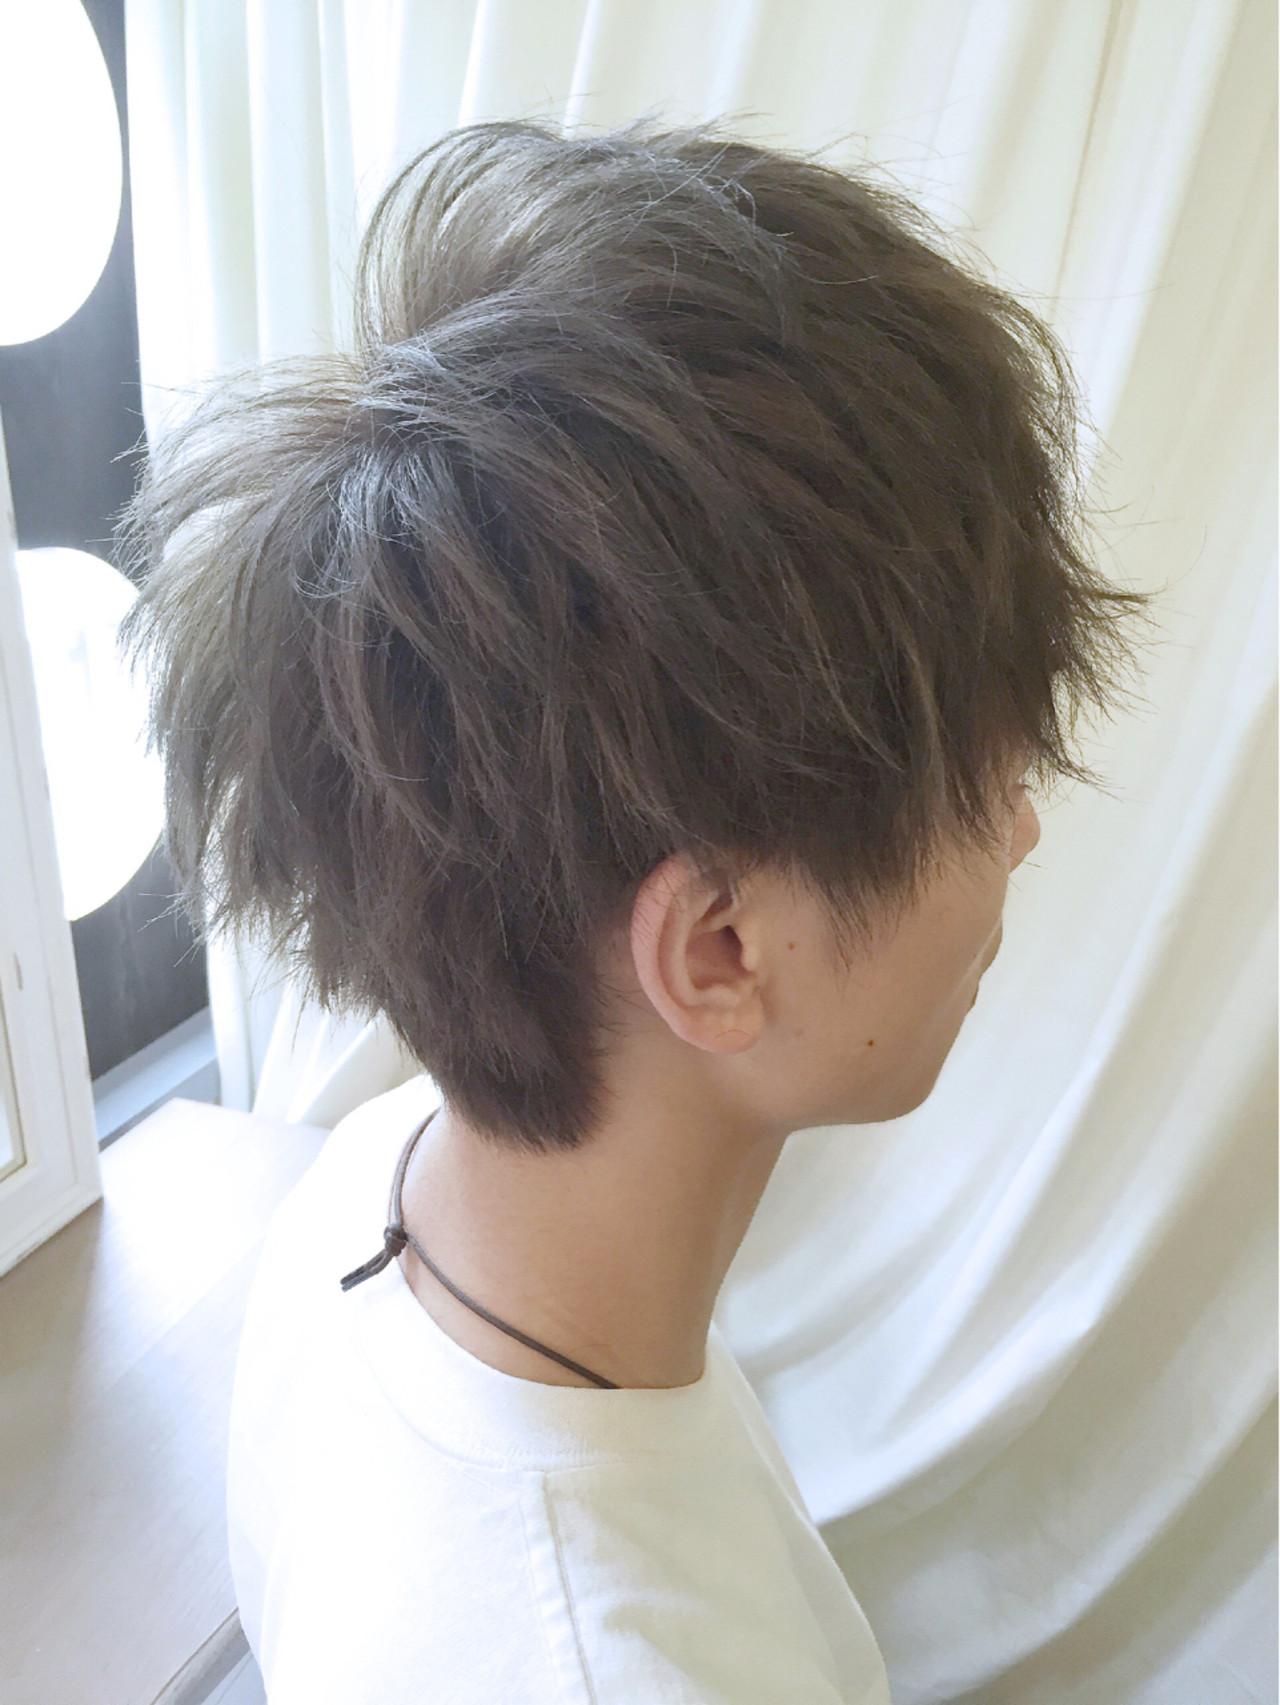 ナチュラル ボーイッシュ 刈り上げ ショート ヘアスタイルや髪型の写真・画像